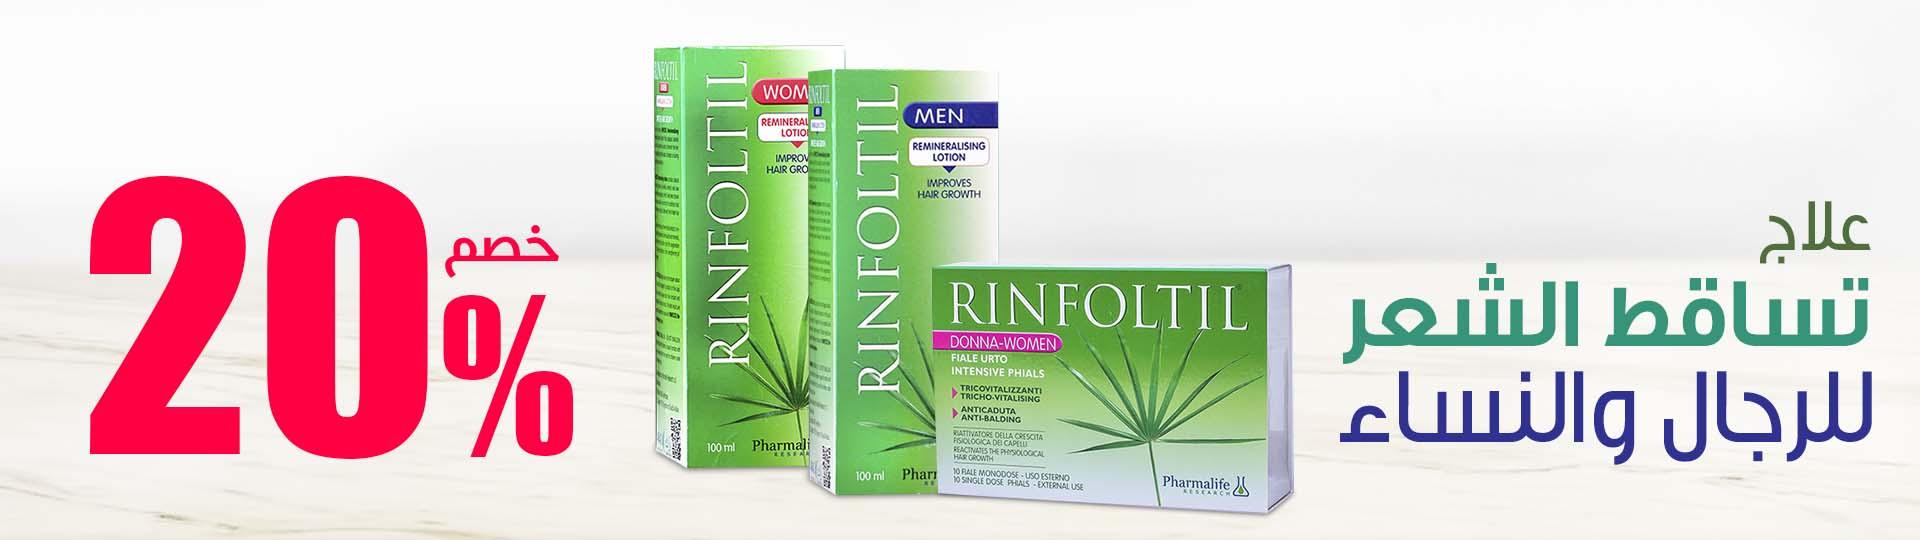 علاج تساقط الشعر امبولات وشامبو رينفوتيل